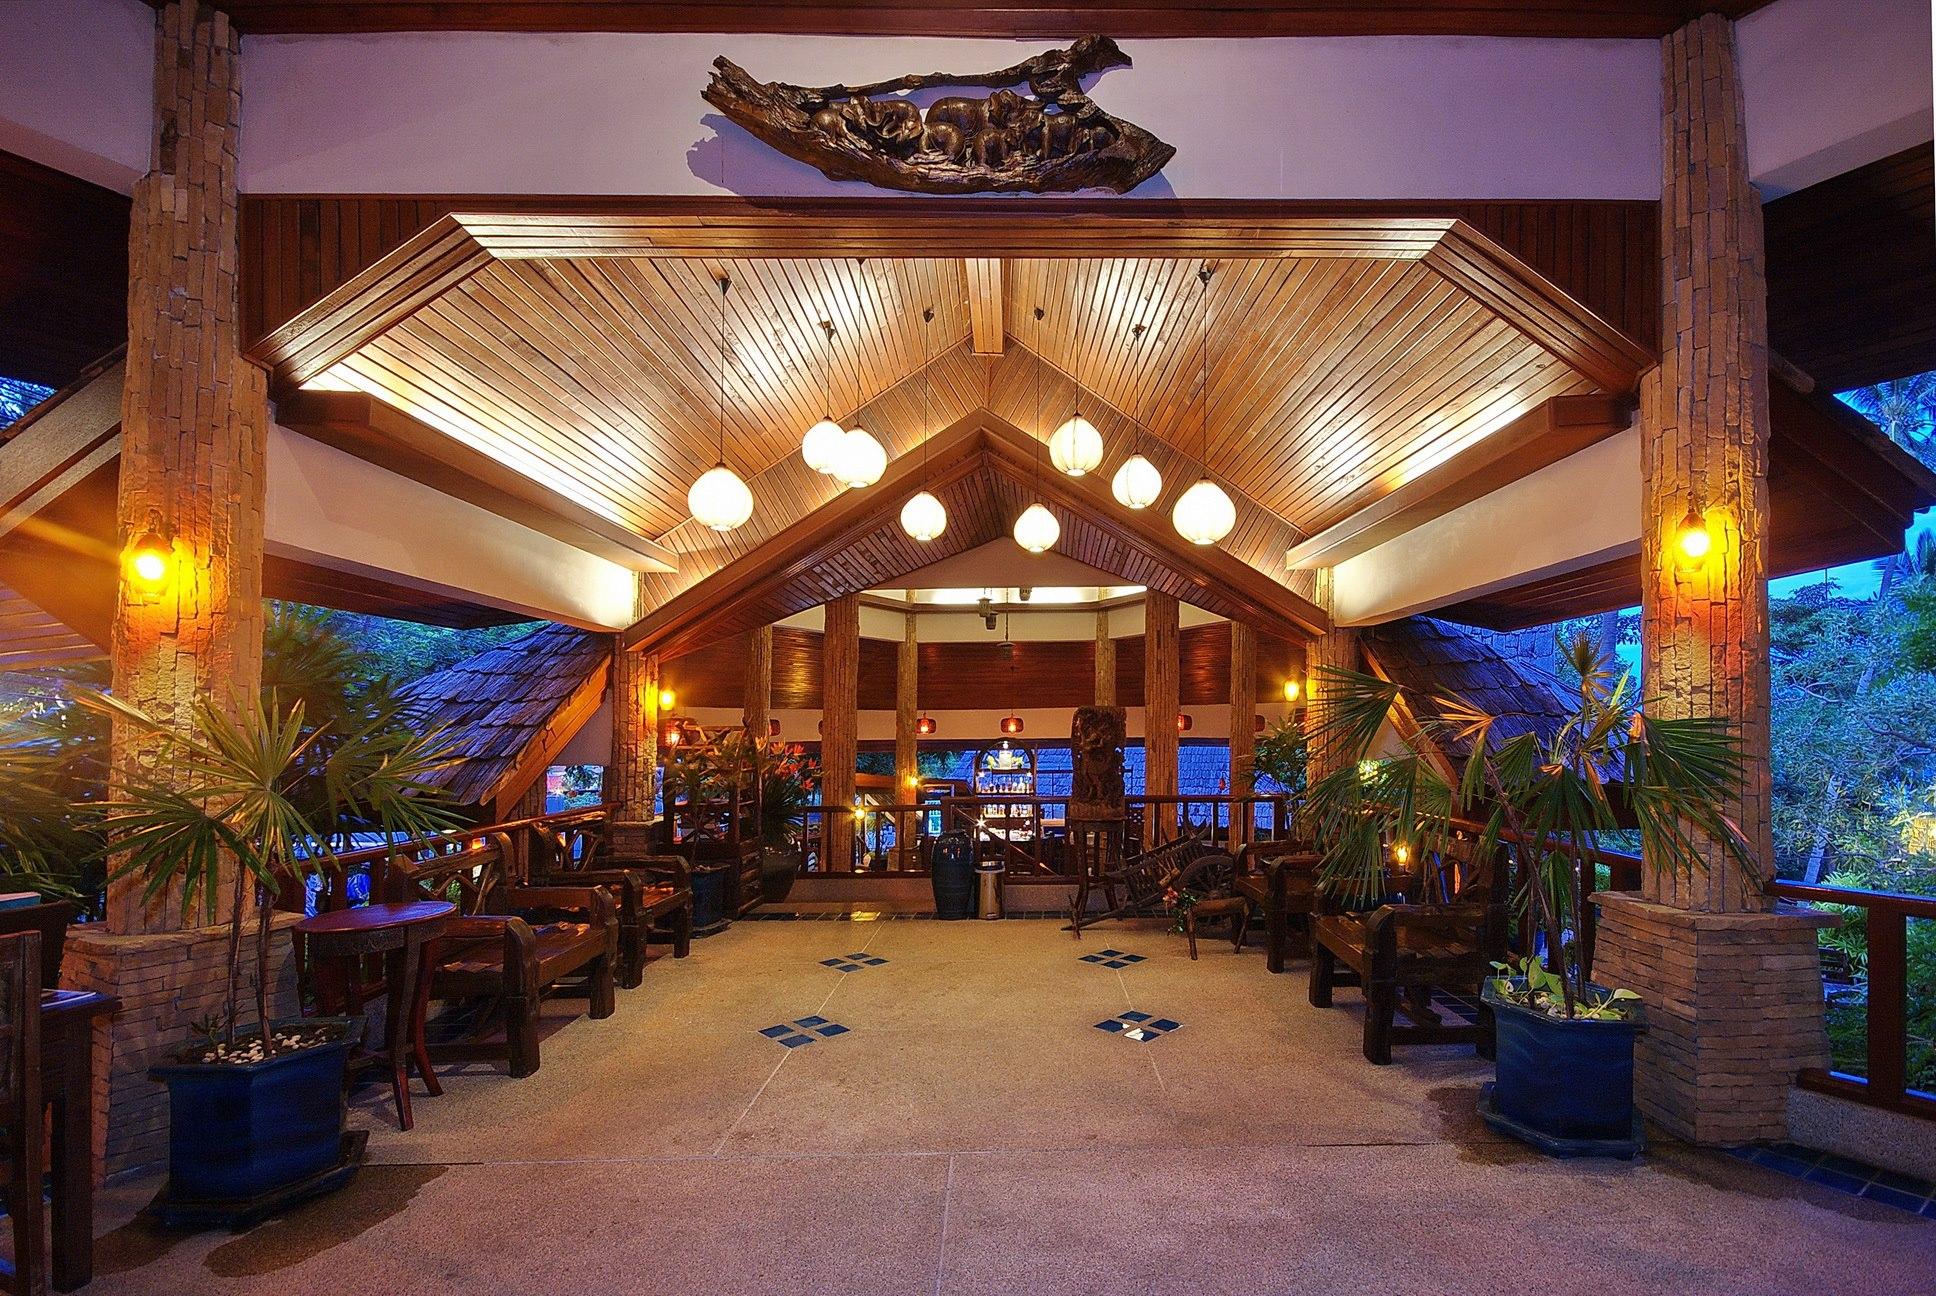 บ้านหินทราย เกาะสมุย ที่พักวิวสวย ราคาเบาๆ นครศรีดีย์